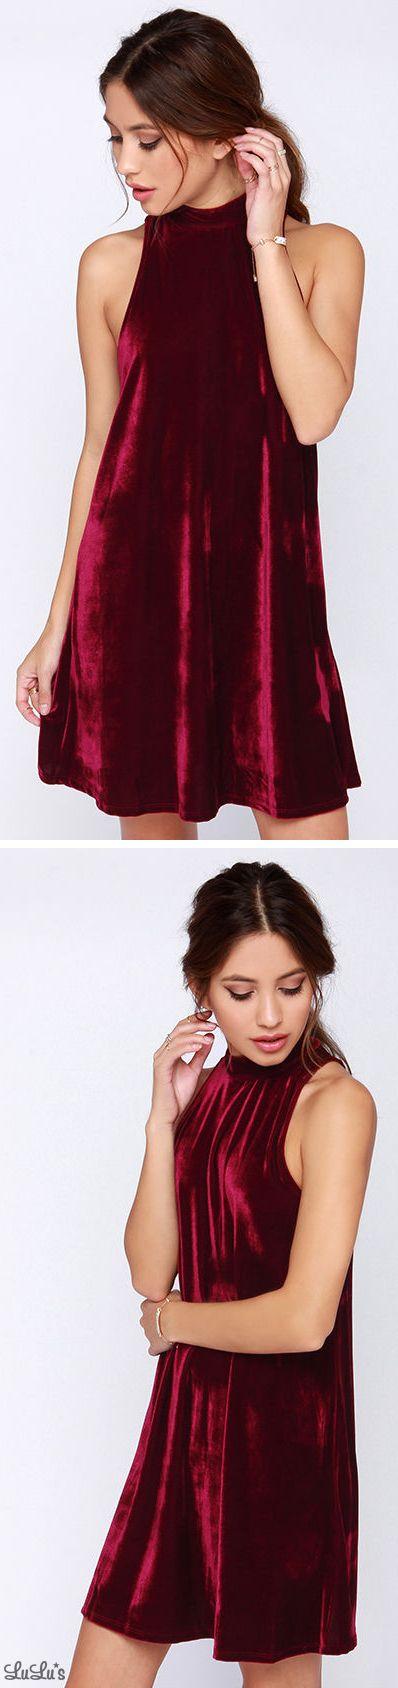 Best 25+ Velvet dresses ideas on Pinterest | Red velvet dress Pink velvet dress and New pink song